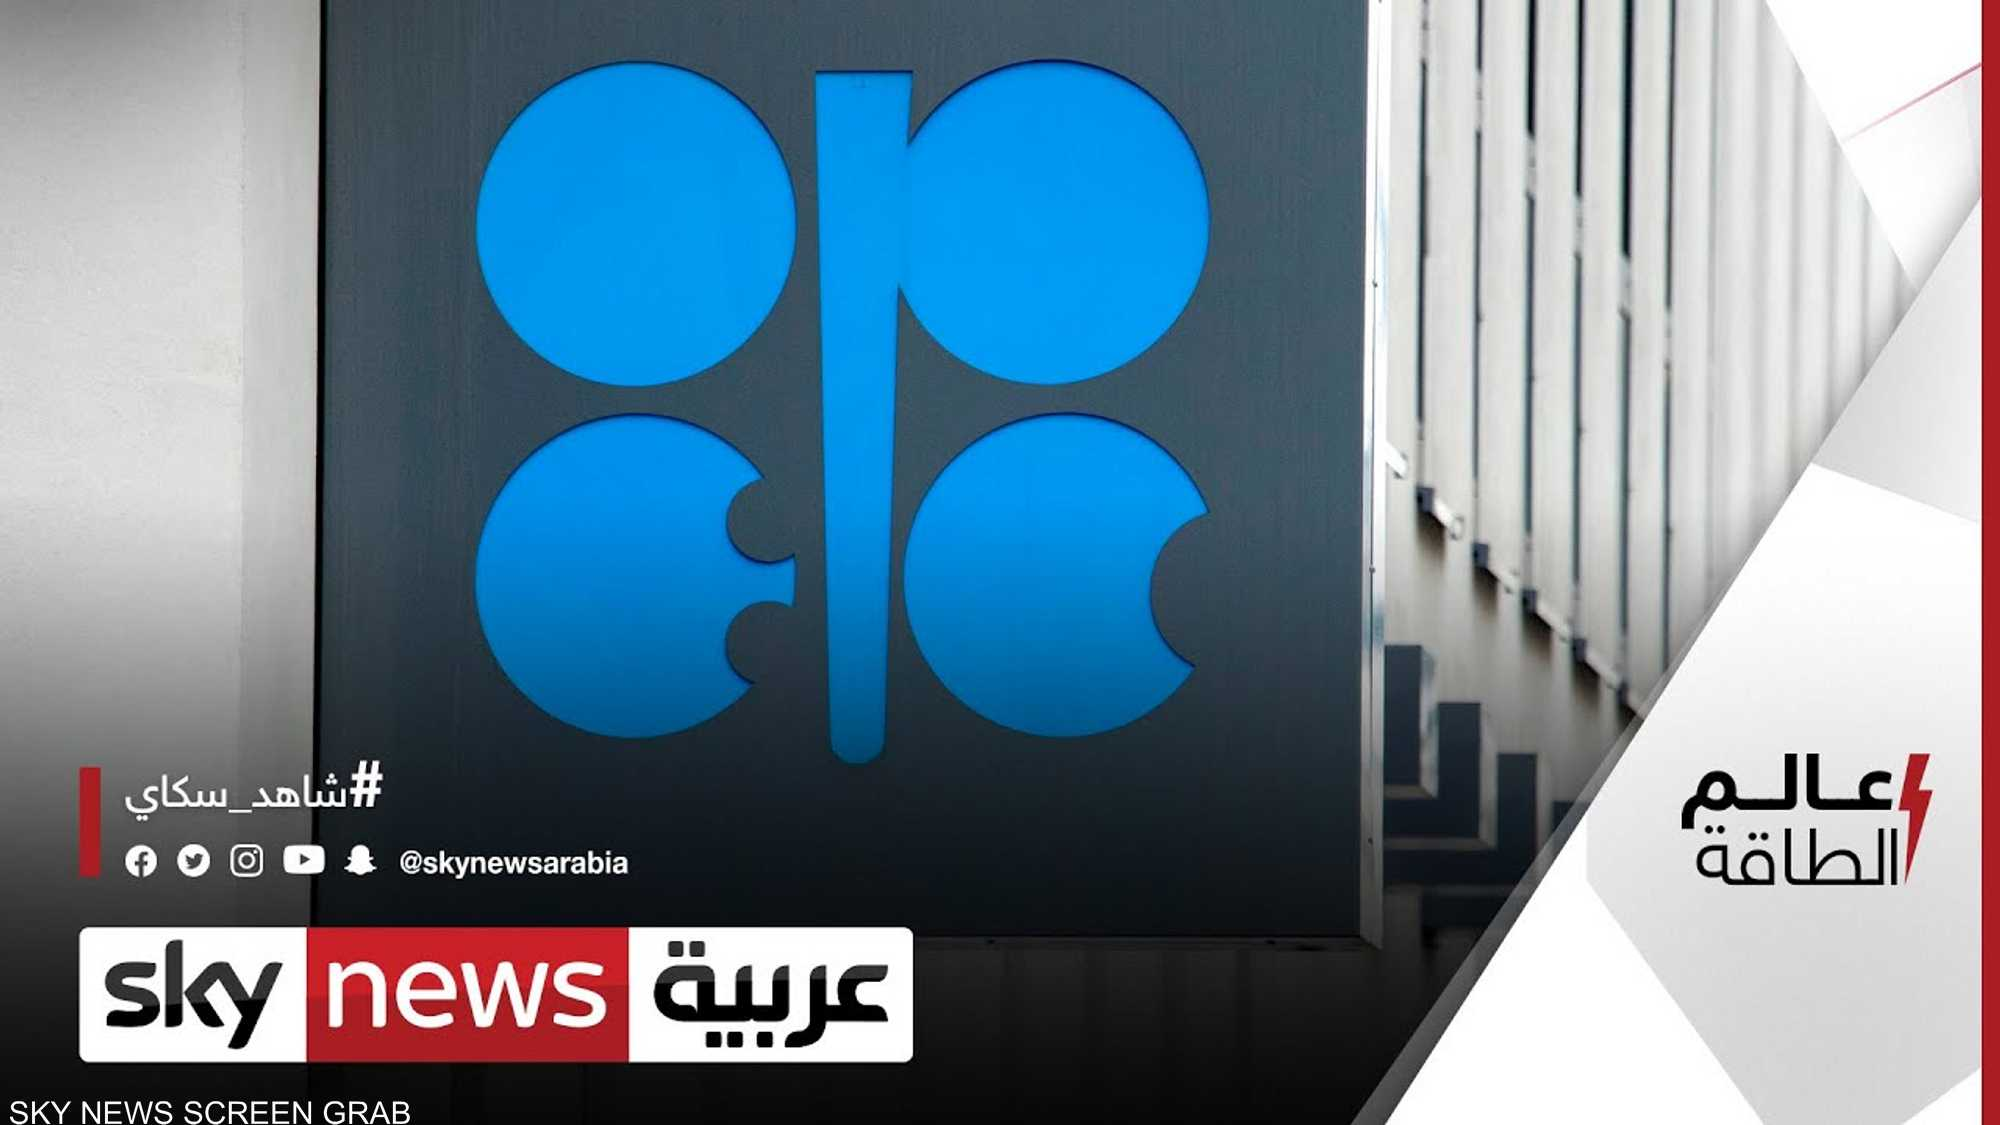 مع عودة الضبابية.. أوبك بلس تتعهد باستمرار دعم أسواق النفط